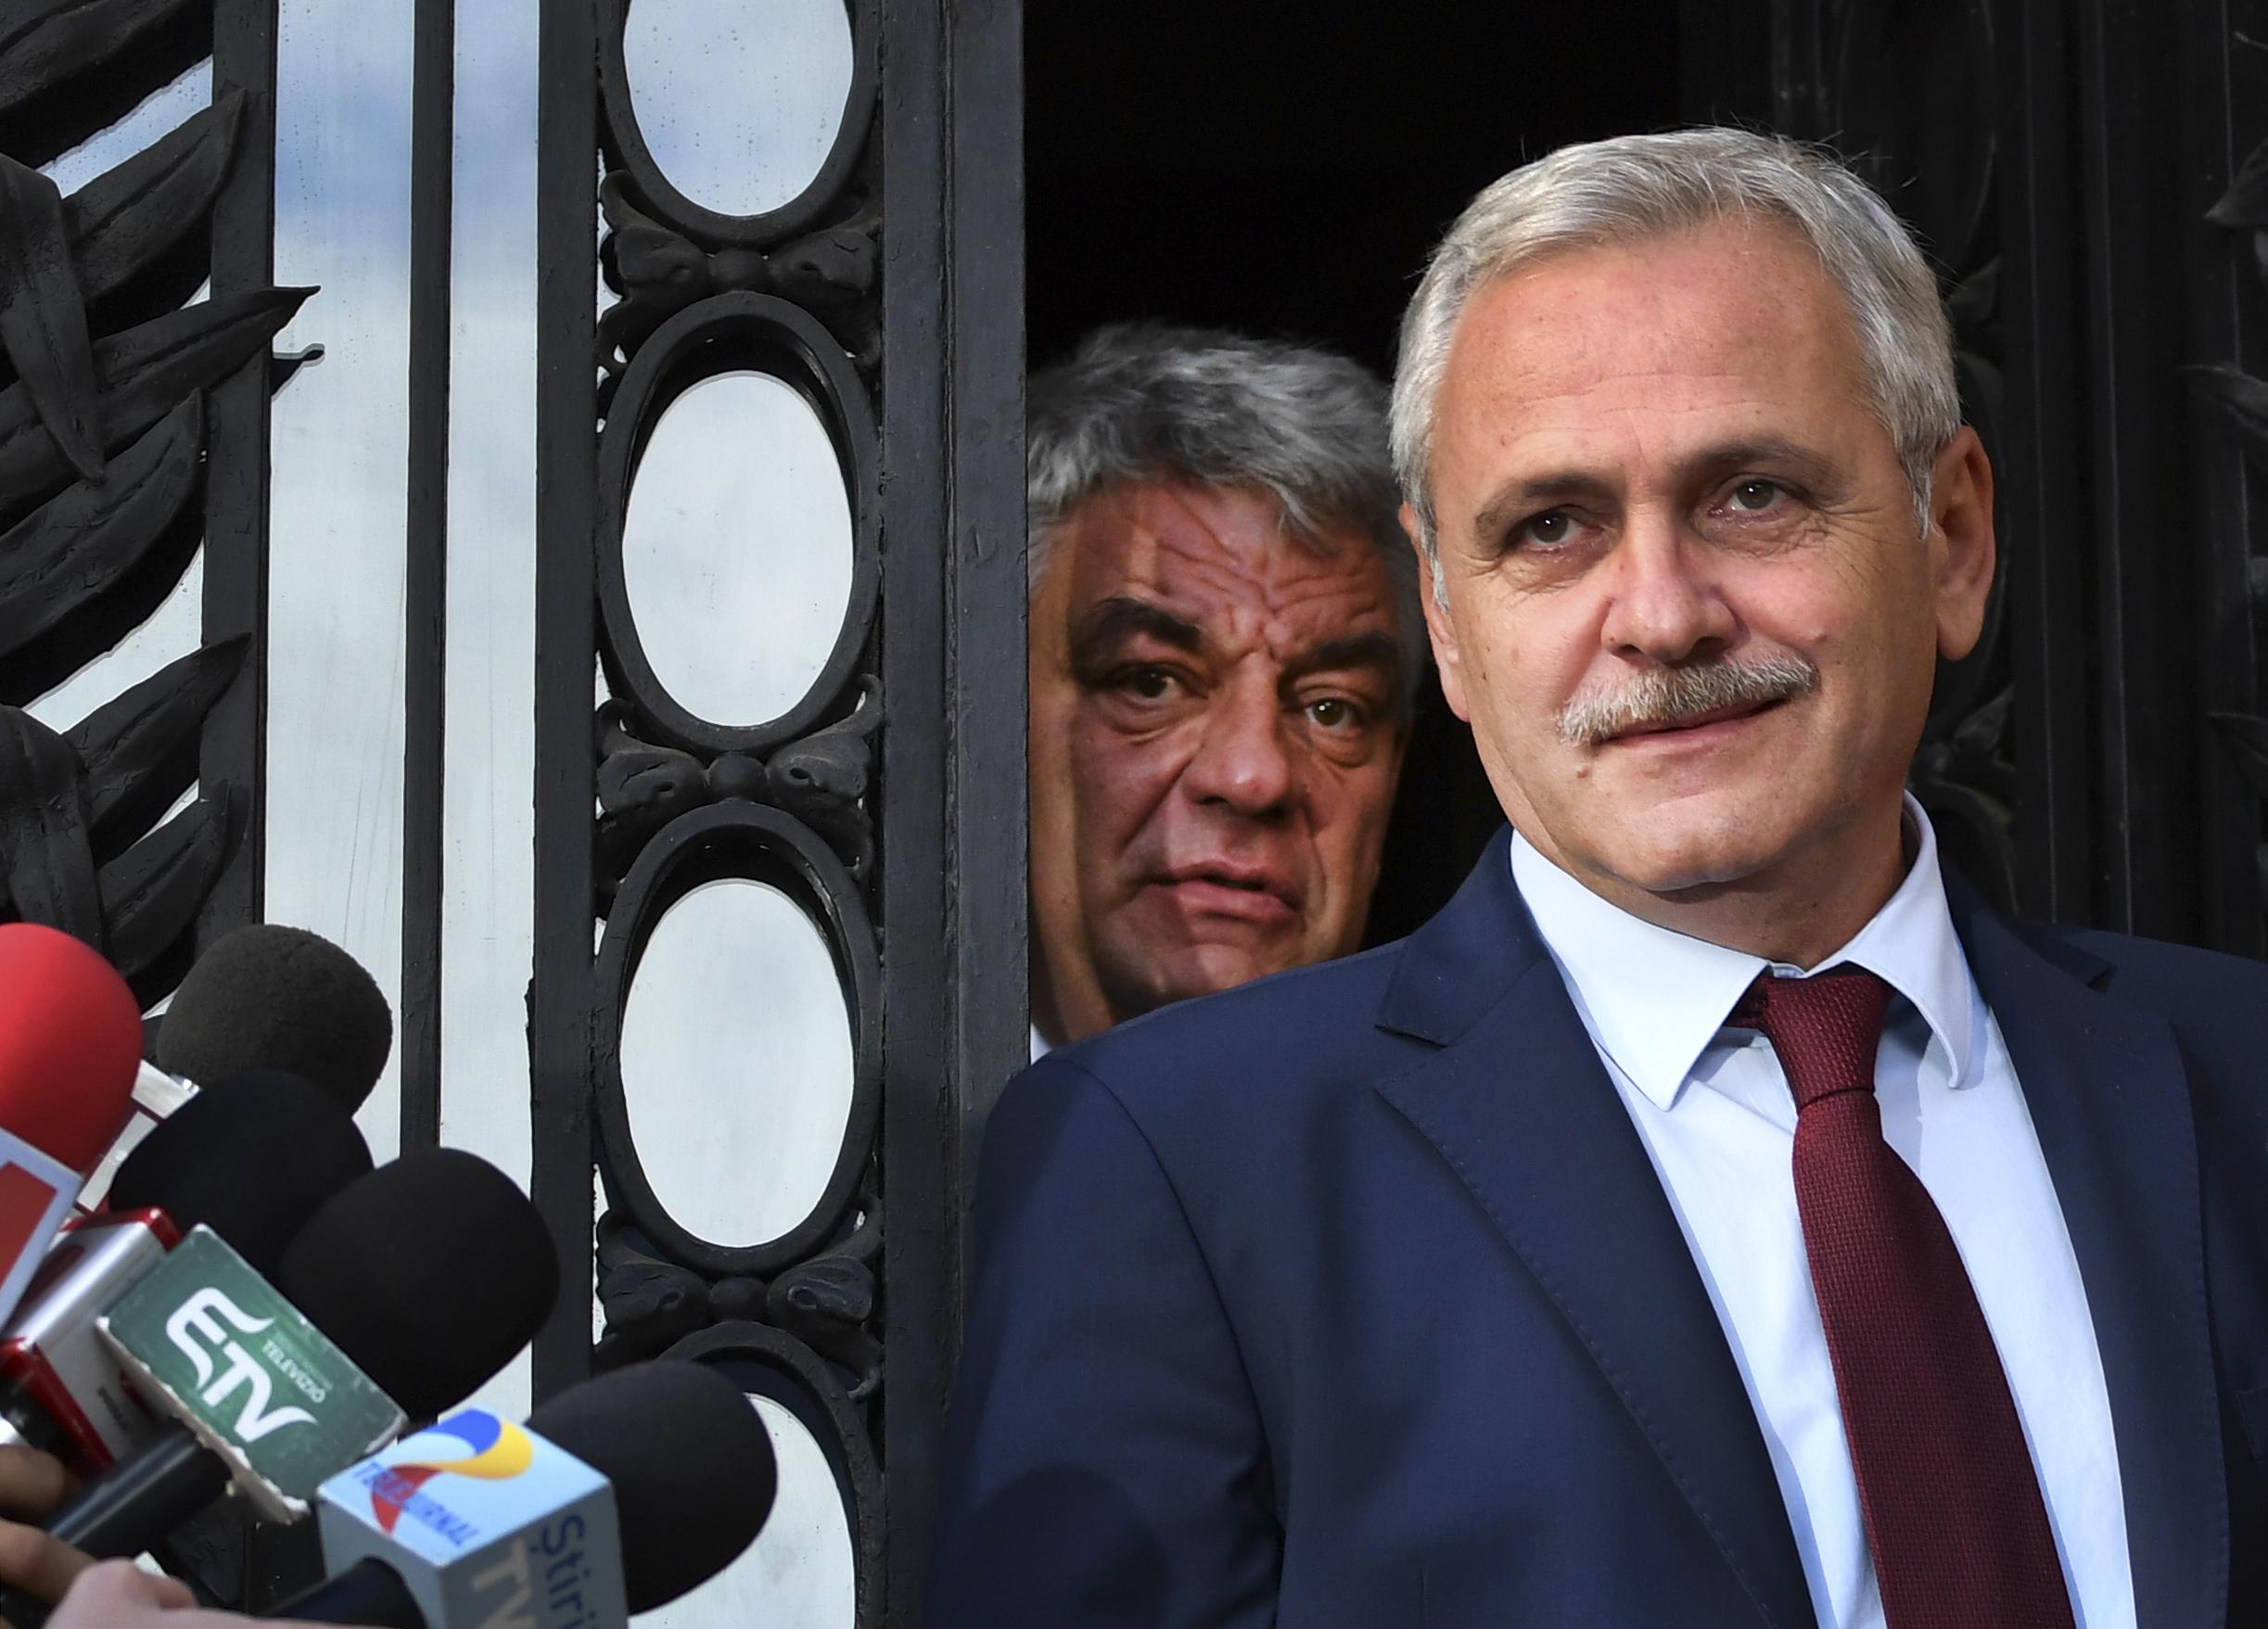 Jogerősen három és fél év börtönre ítélték a román kormánypártot vezető Liviu Dragneát